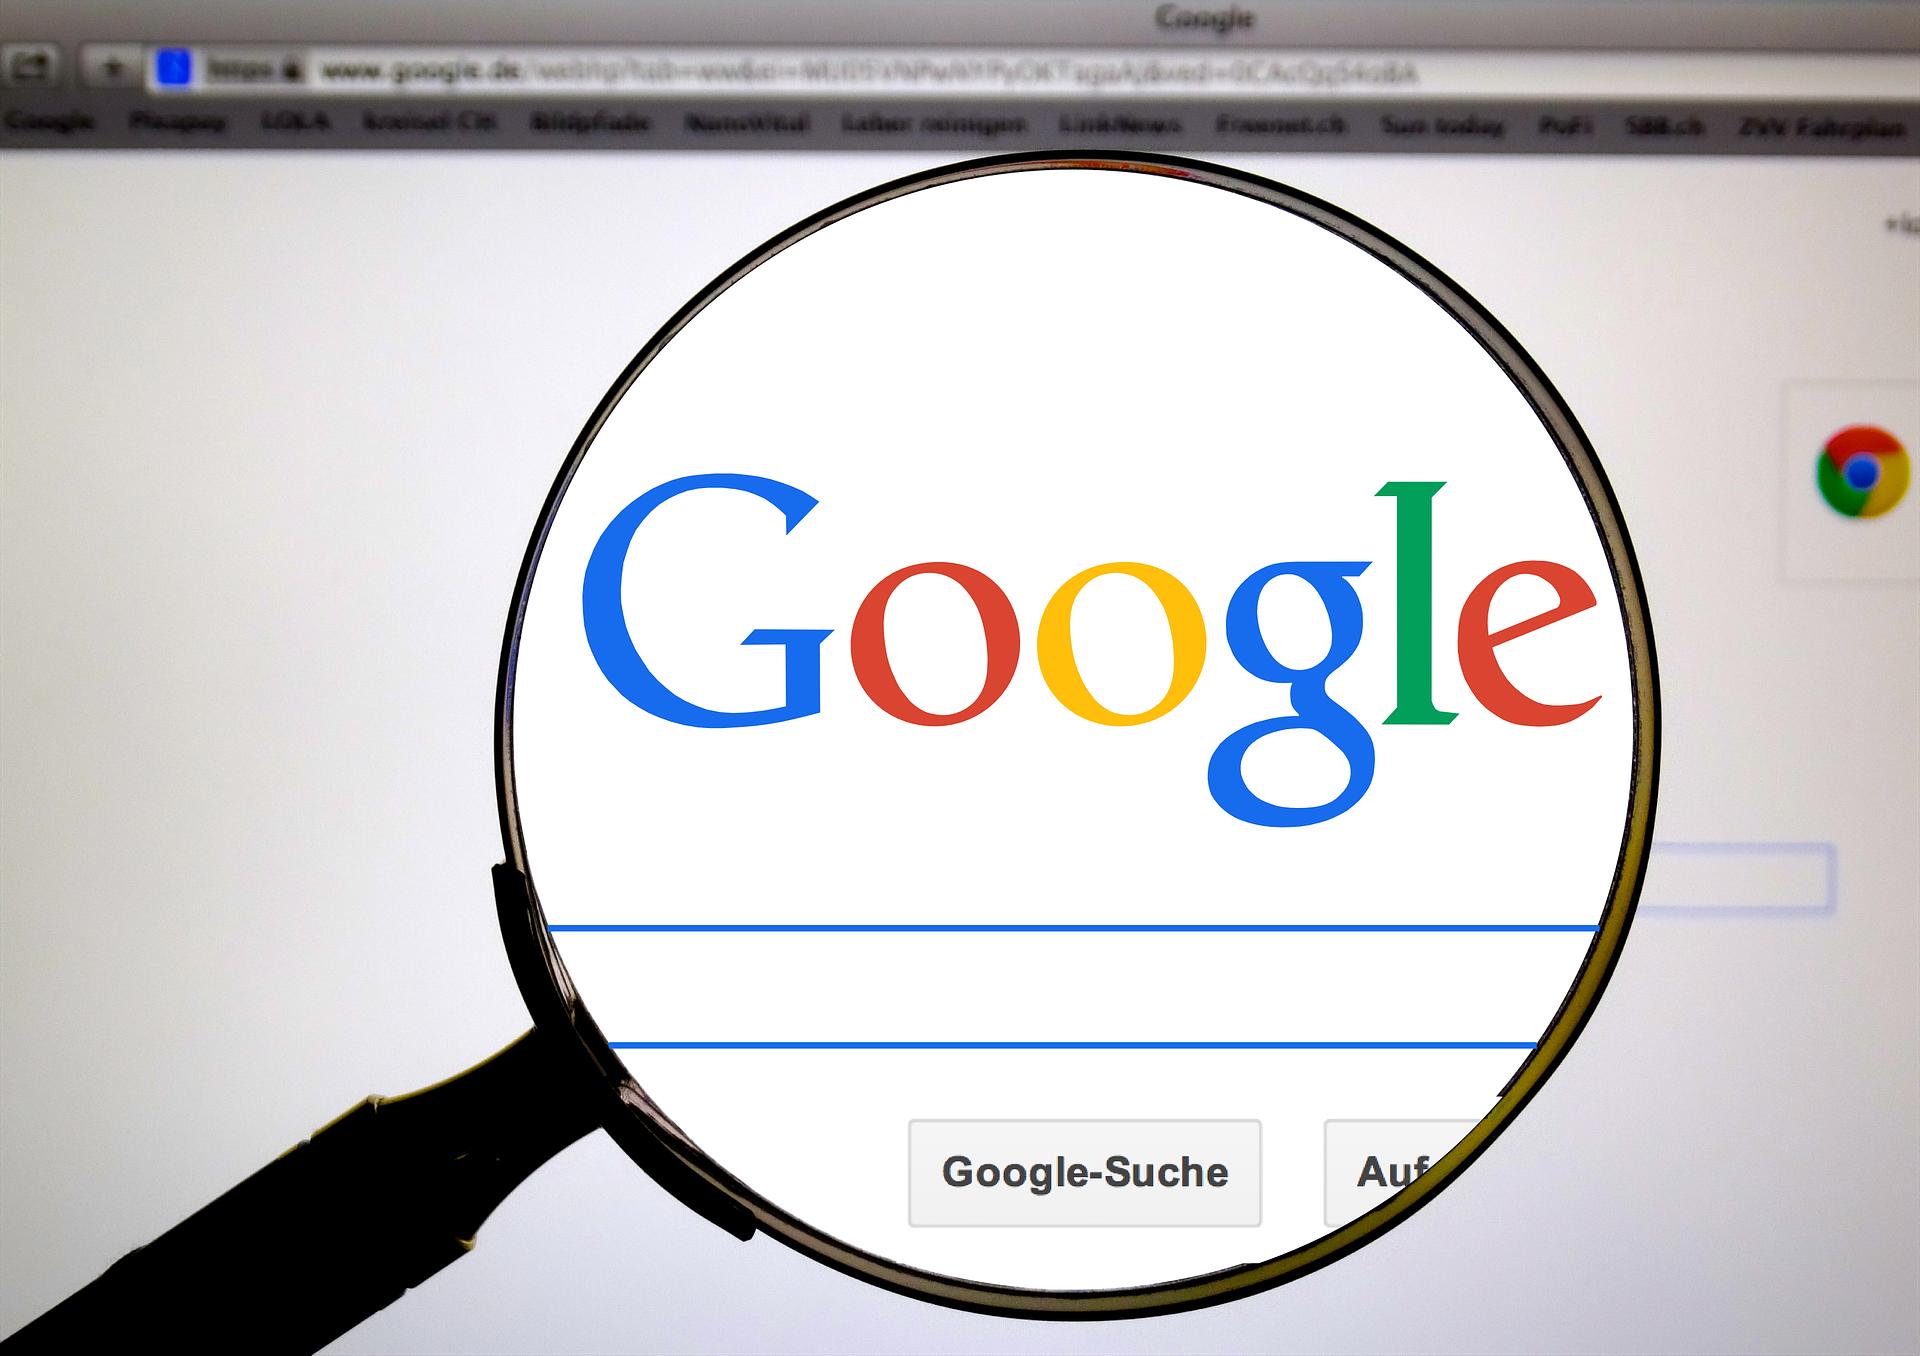 Google a decis blocarea conturilor folosite de fosta putere. Totul de teama talibanilor